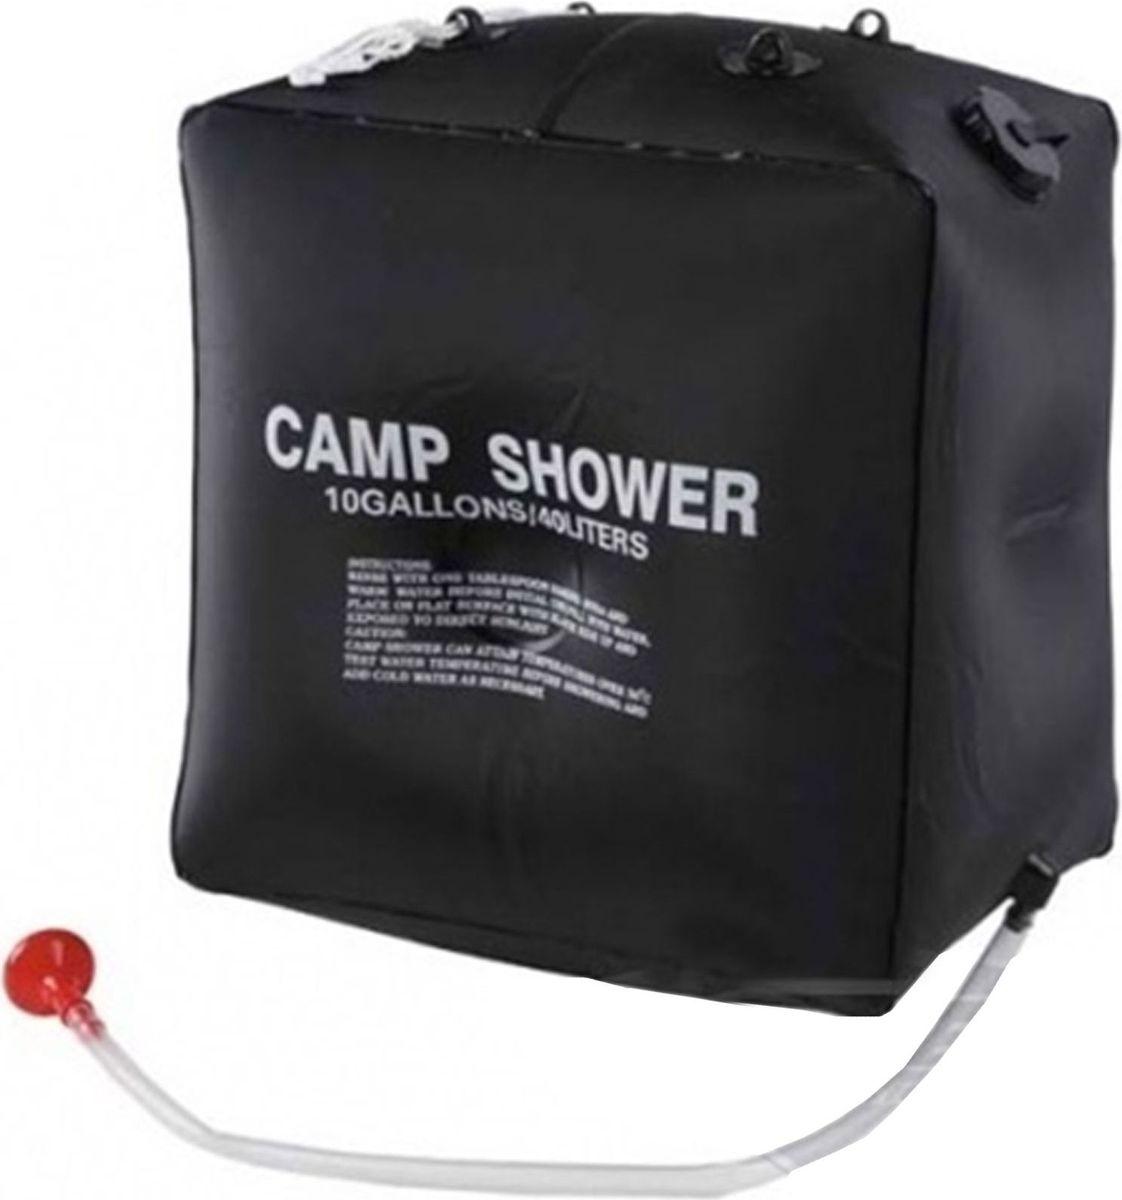 Душ садовый, 40 л634859Переносной душ — универсальный помощник в походе.Возьмите с собой в поход или поездку за город душ для туриста — в свёрнутом состоянии он поместится даже в рюкзак. Забудьте про пресловутые пластиковые бутылки! Закрепите устройство на любой ветке с помощью верёвки, находящейся в комплекте, и наслаждайтесь водными процедурами.Комплектация:резервуар с клапаном,гибкий шланг,верёвка,лейка.Преимущества Можно использовать как с тёплой, так и с холодной водой.Вода быстро нагревается на солнце благодаря чёрному цвету материала.Удобная большая горловина для наполнения водой.Характеристики Объем: 40 л.Материал: нетоксичный водонепроницаемый ПВХ.